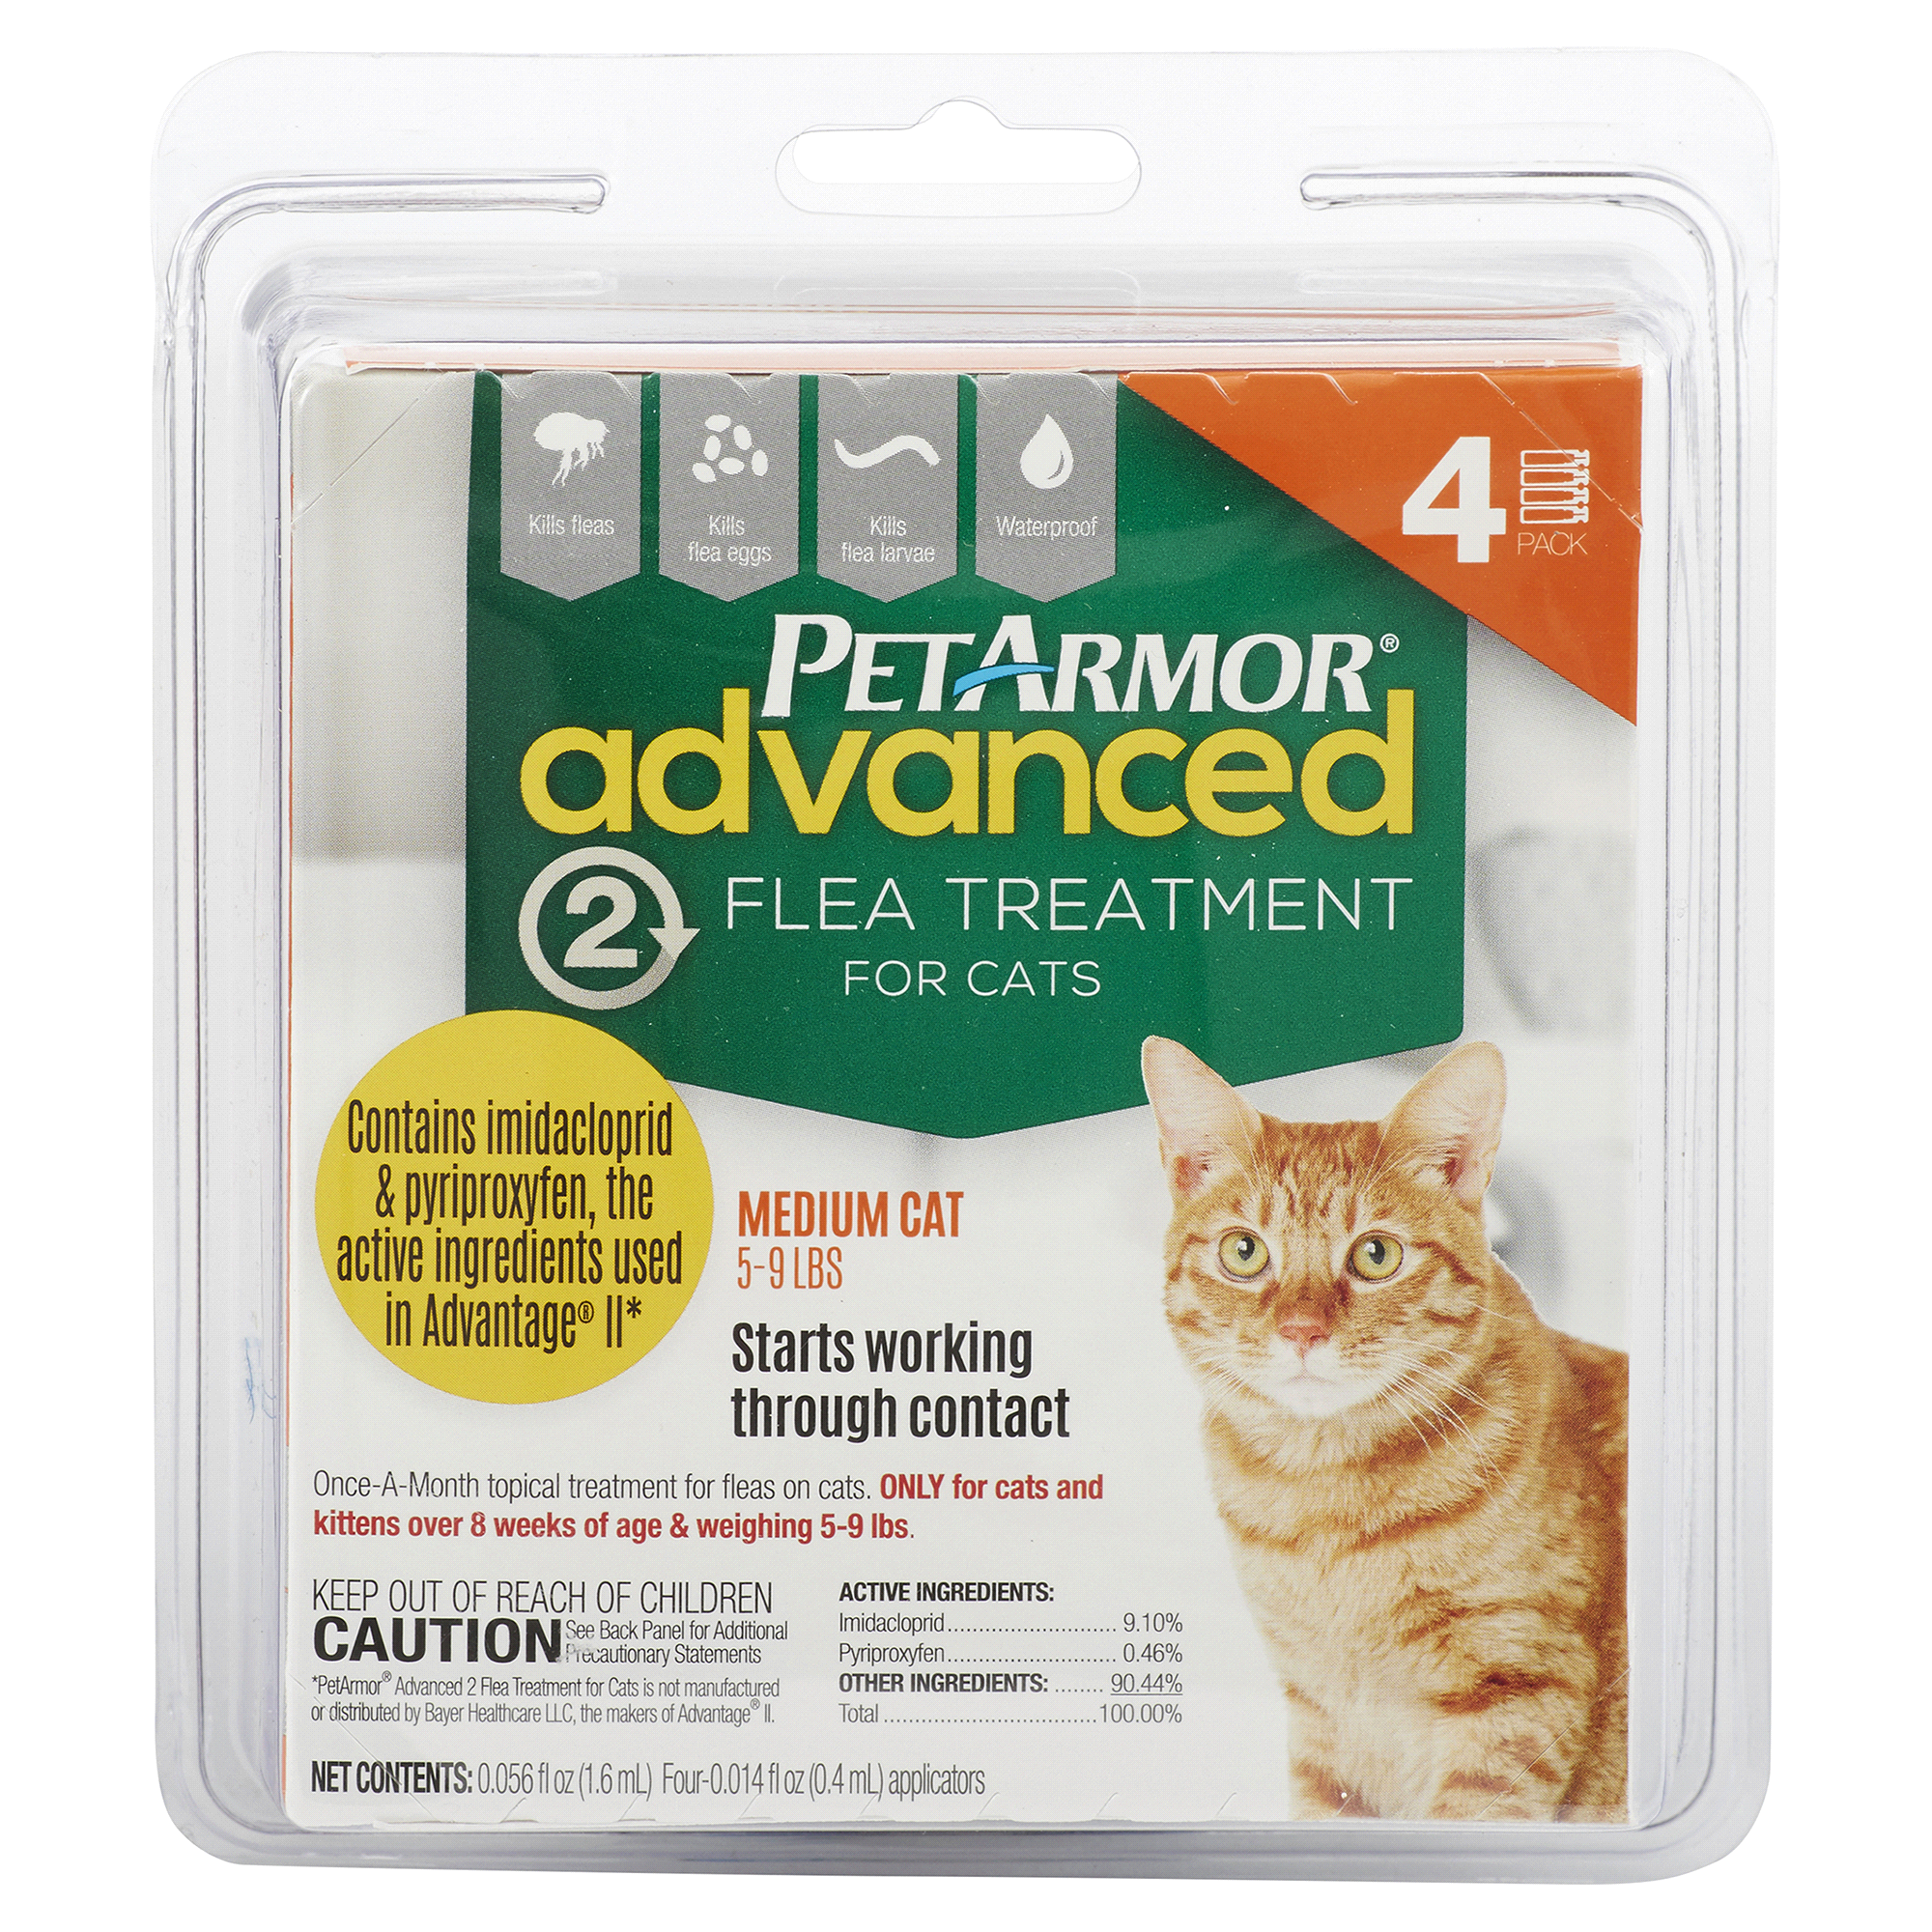 PetArmor Advanced 2 Flea Treatment for Cats, 5-9 lbs, 4 pk